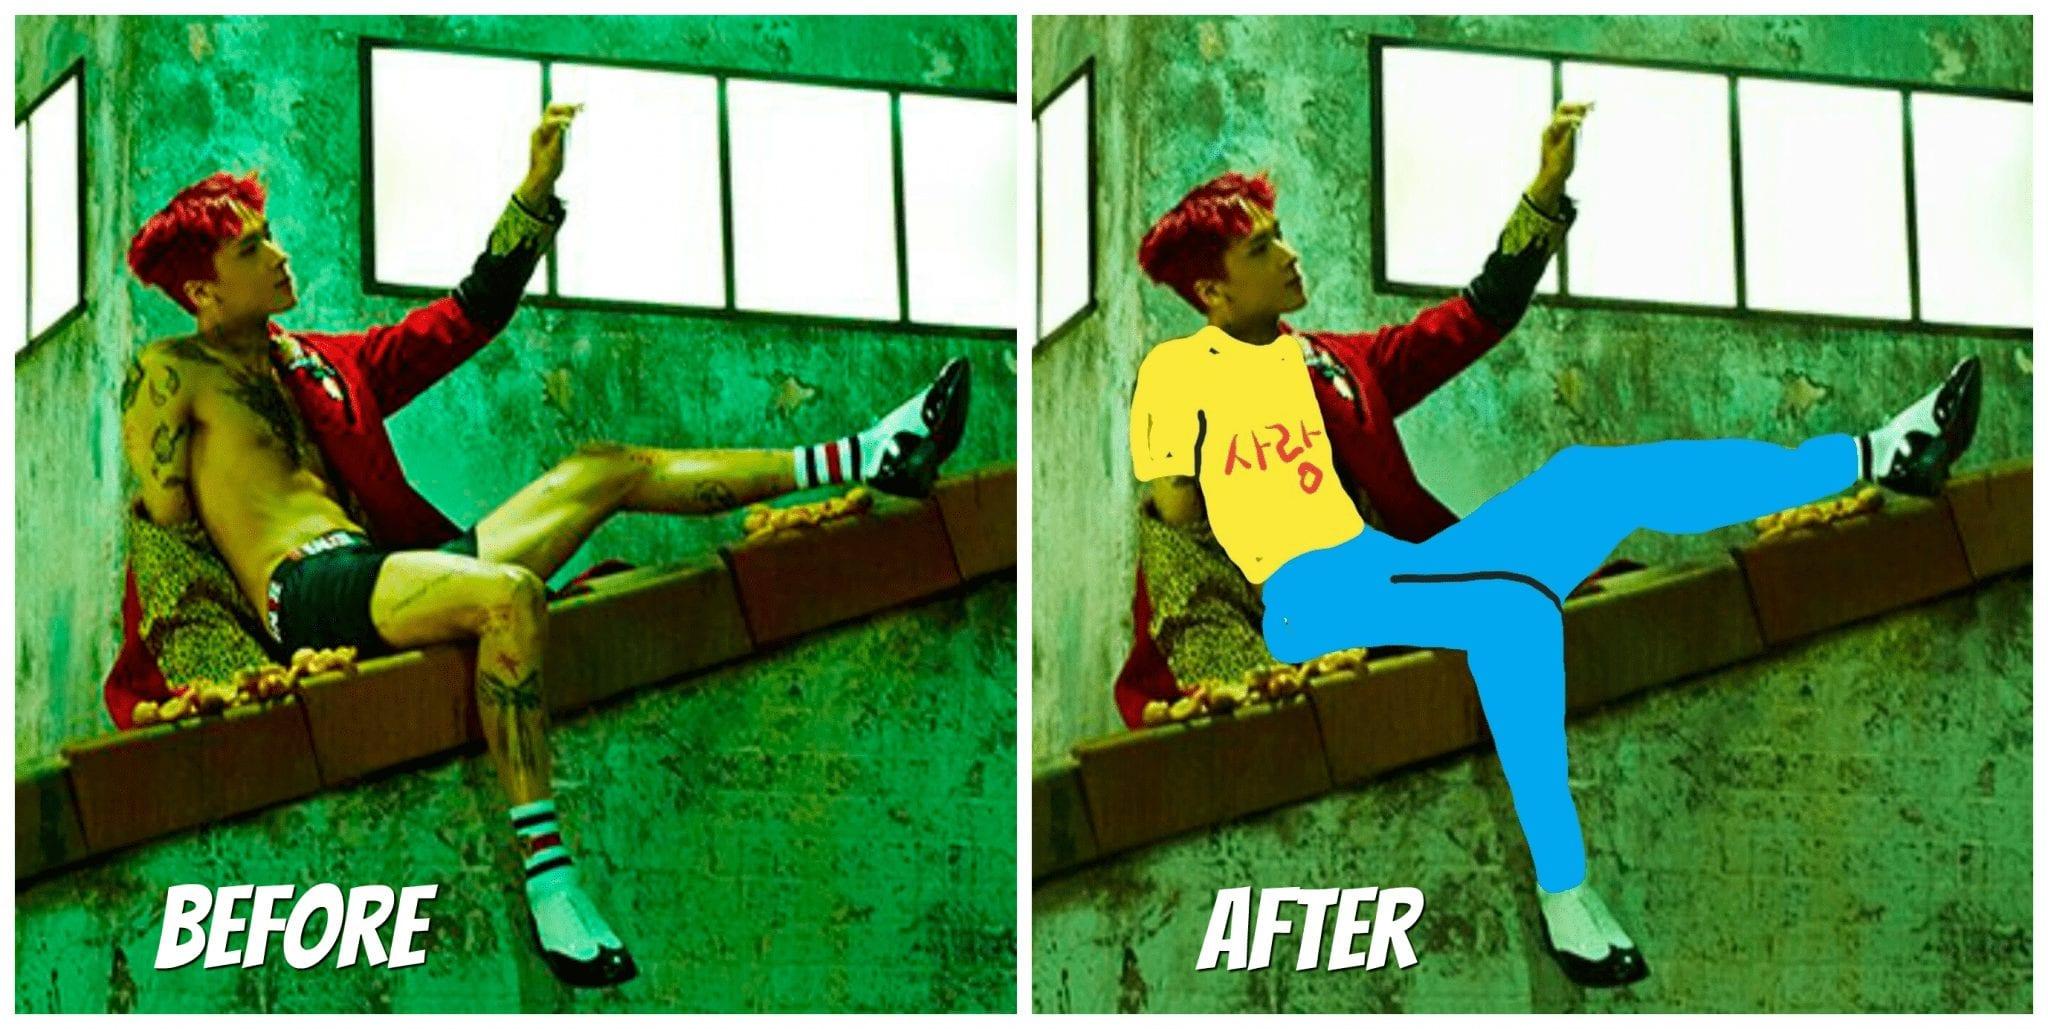 Fans Photoshop Clothes Onto VIXX's Ravi's Teaser Images